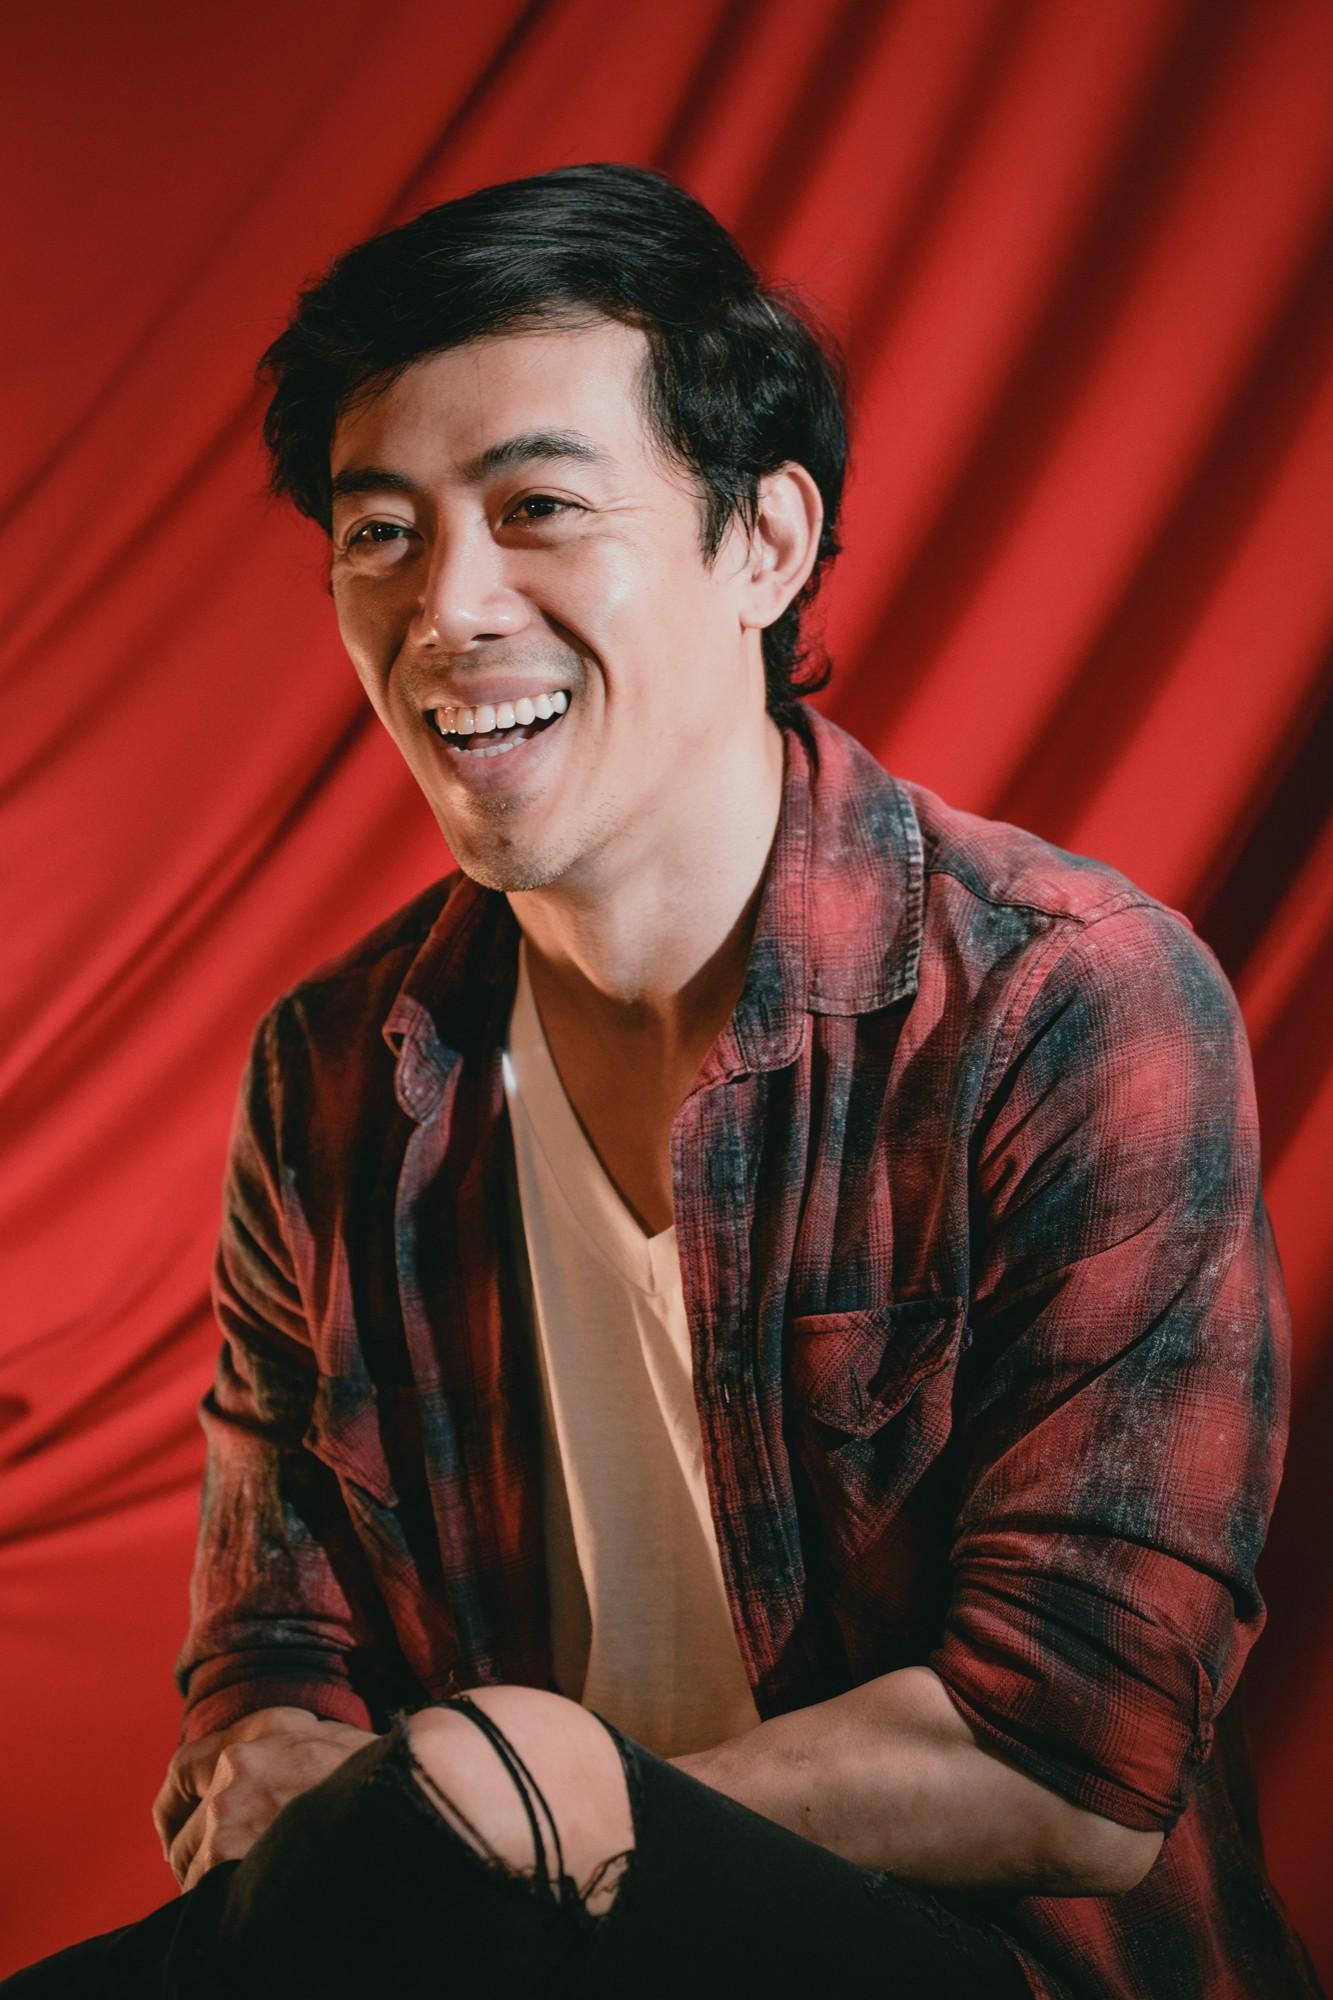 Đạo diễn Song Lang: Leon Quang Lê, người con xa xứ trót mang nợ với cải lương - Ảnh 2.